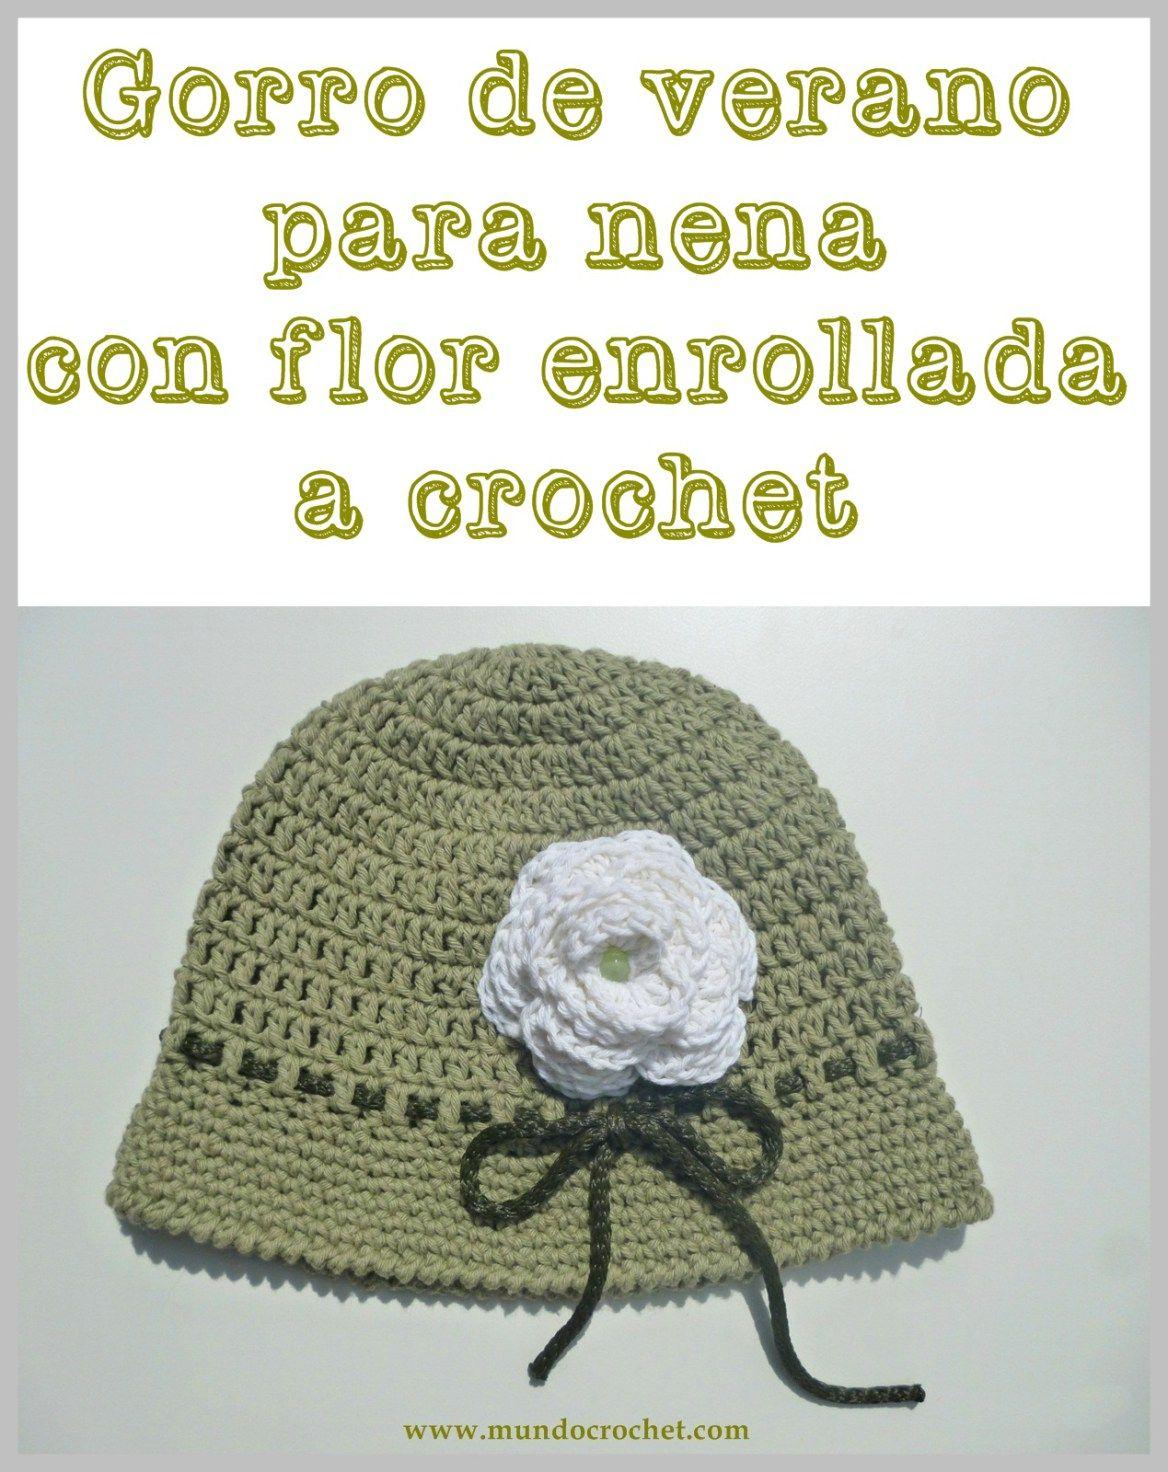 Patron gorro de verano para nena con flor enrollada a crochet o ...